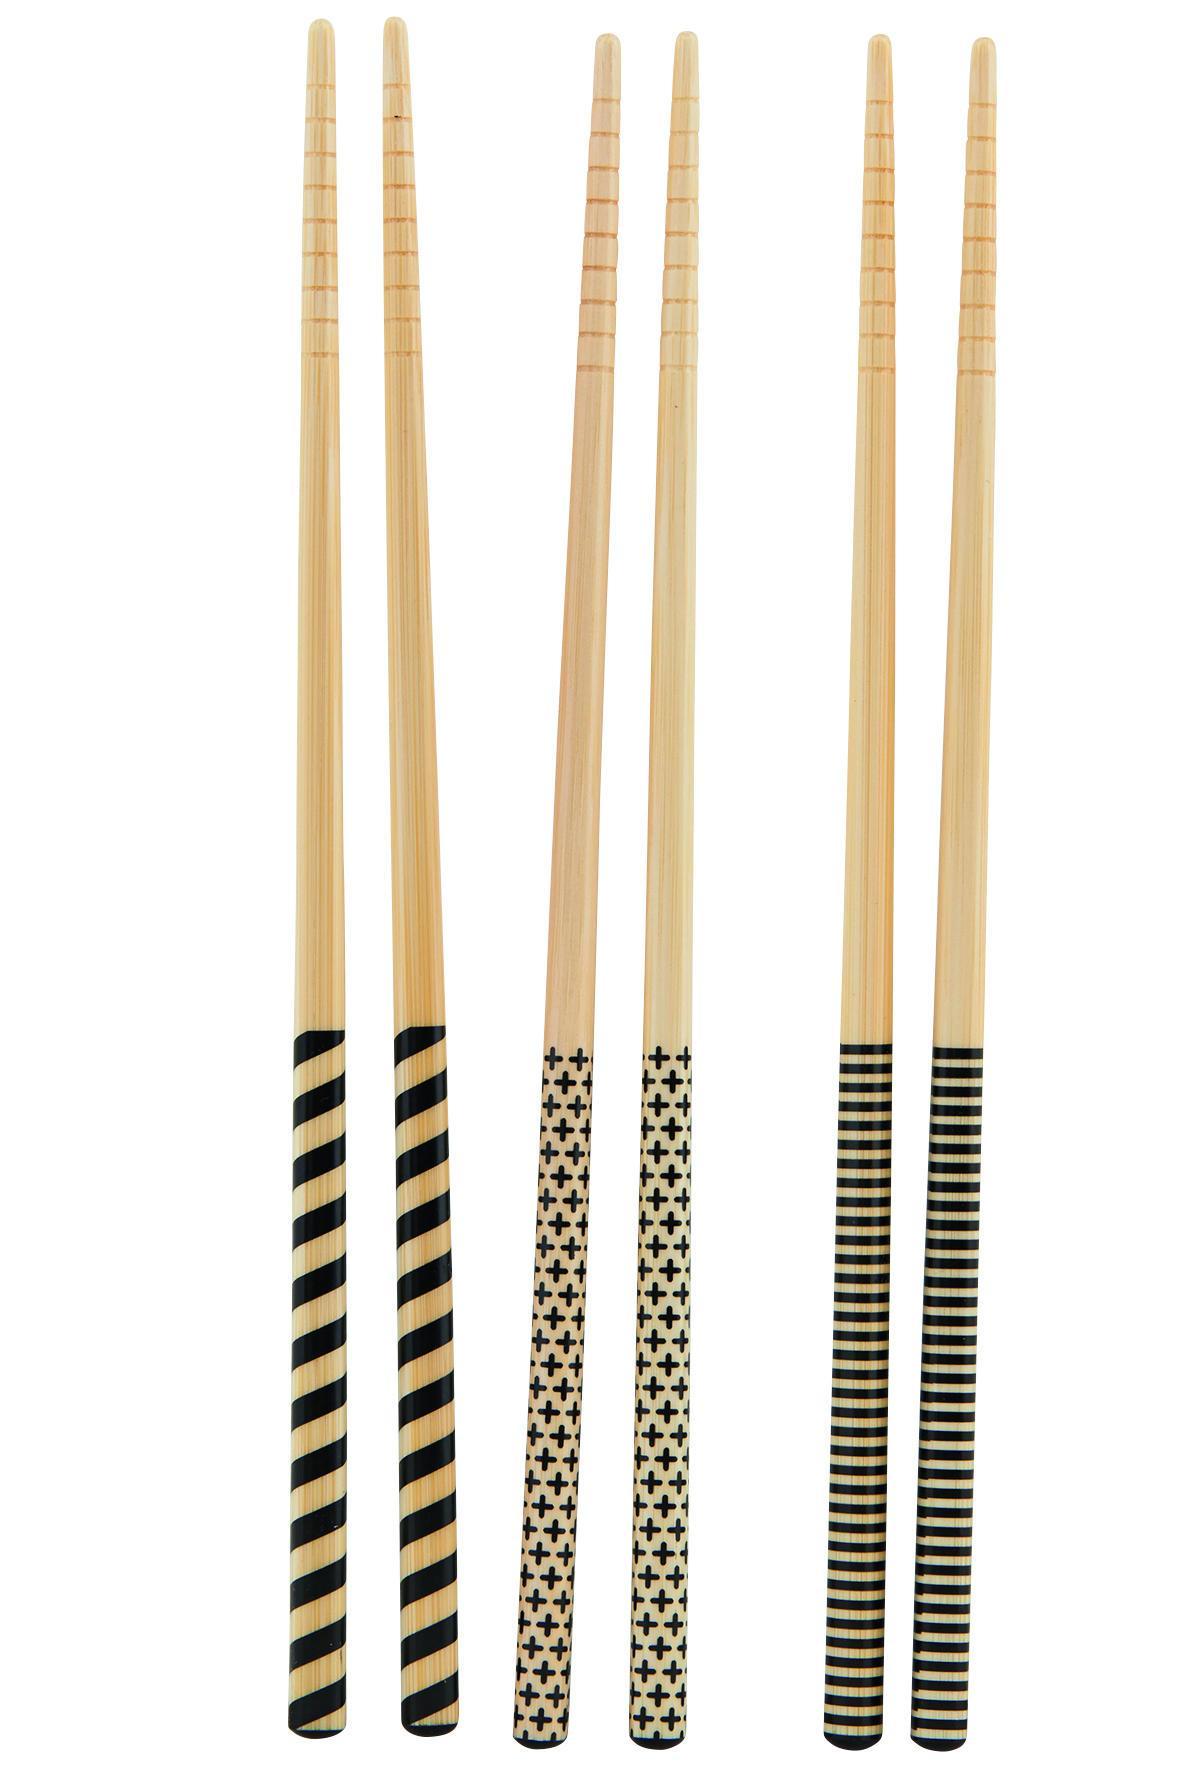 house doctor Bambusové hůlky 3D - set 6 párů, černá barva, hnědá barva, dřevo